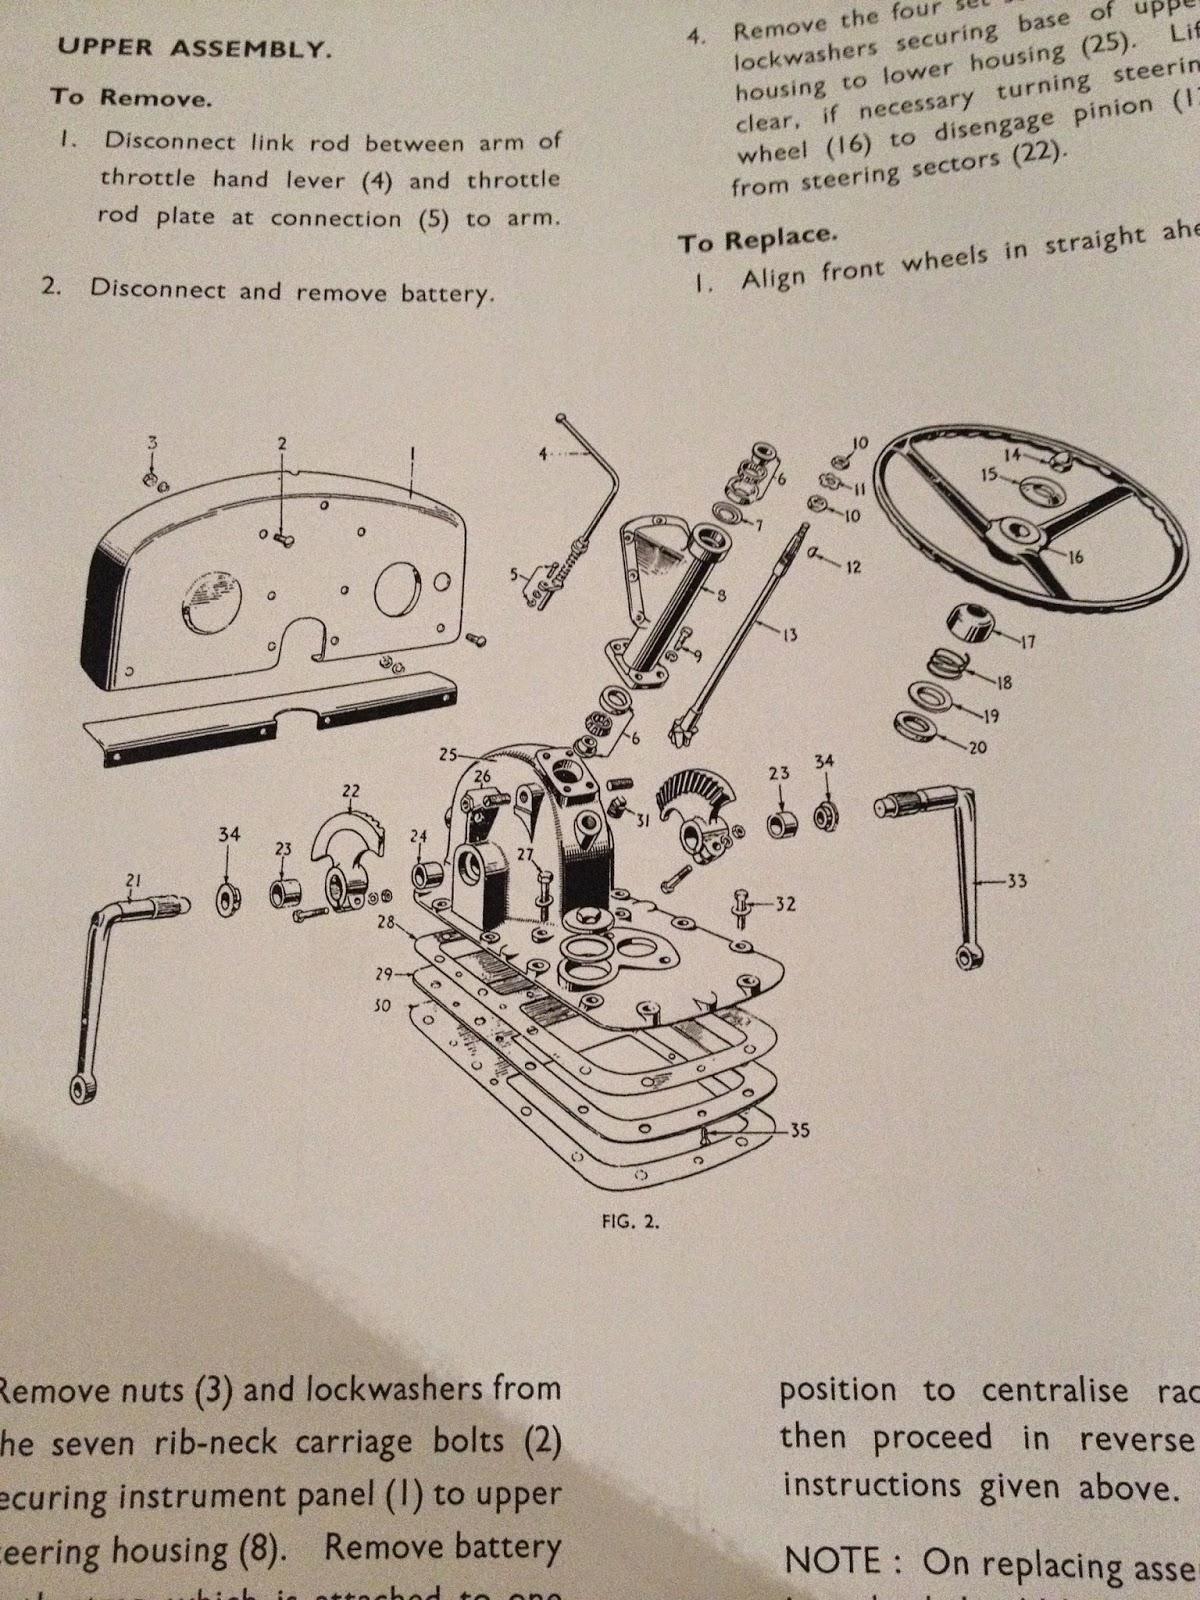 fasse wiring diagram wiring library ferguson t20 petrol wiring diagram wiring diagram posts truck wiring diagrams fasse wiring diagram